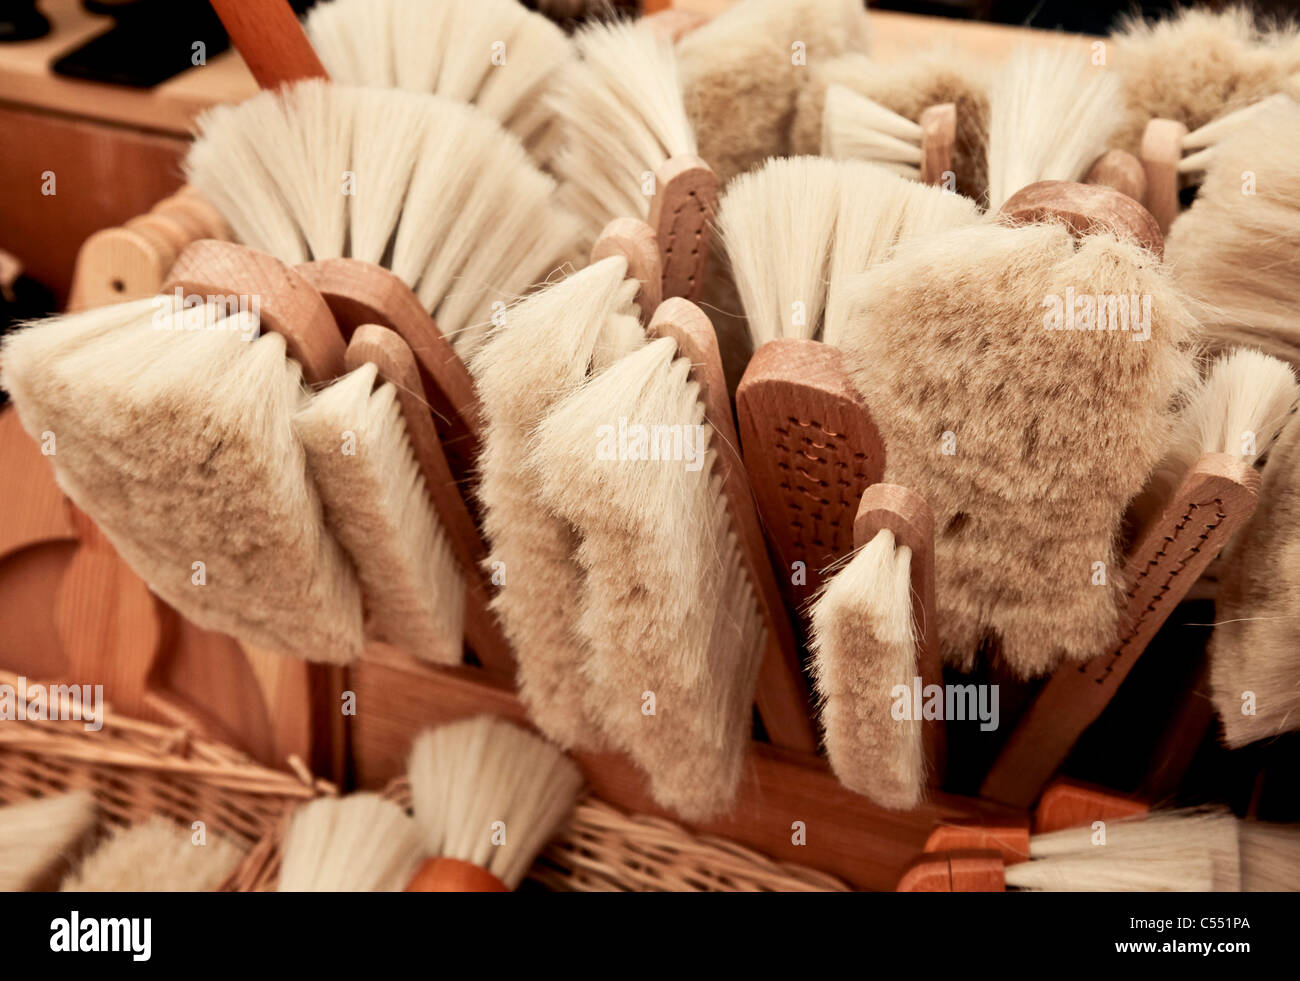 Handfeger mit Naturborsten - Handfeger Mit Naturborsten Stockbild